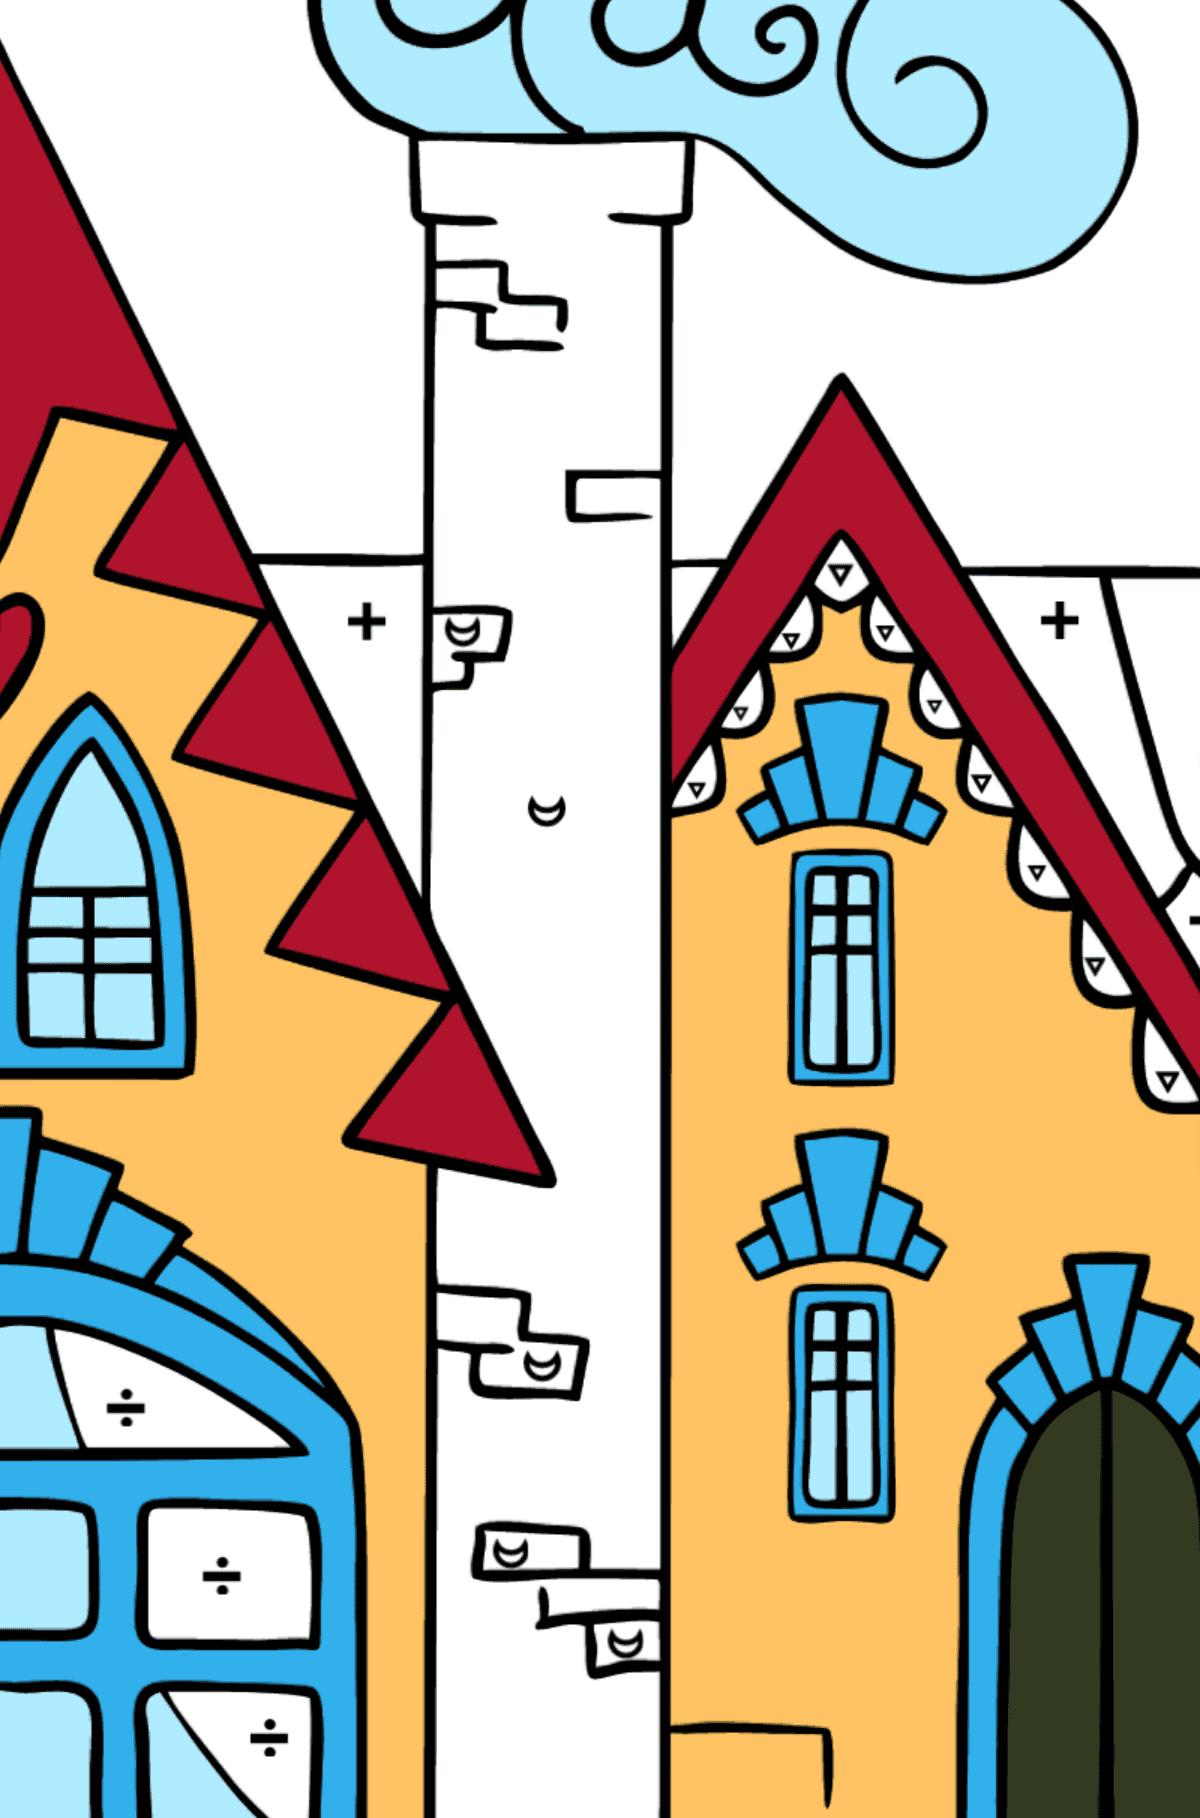 Сложная раскраска чарующий домик - Раскраска по Символам для Детей